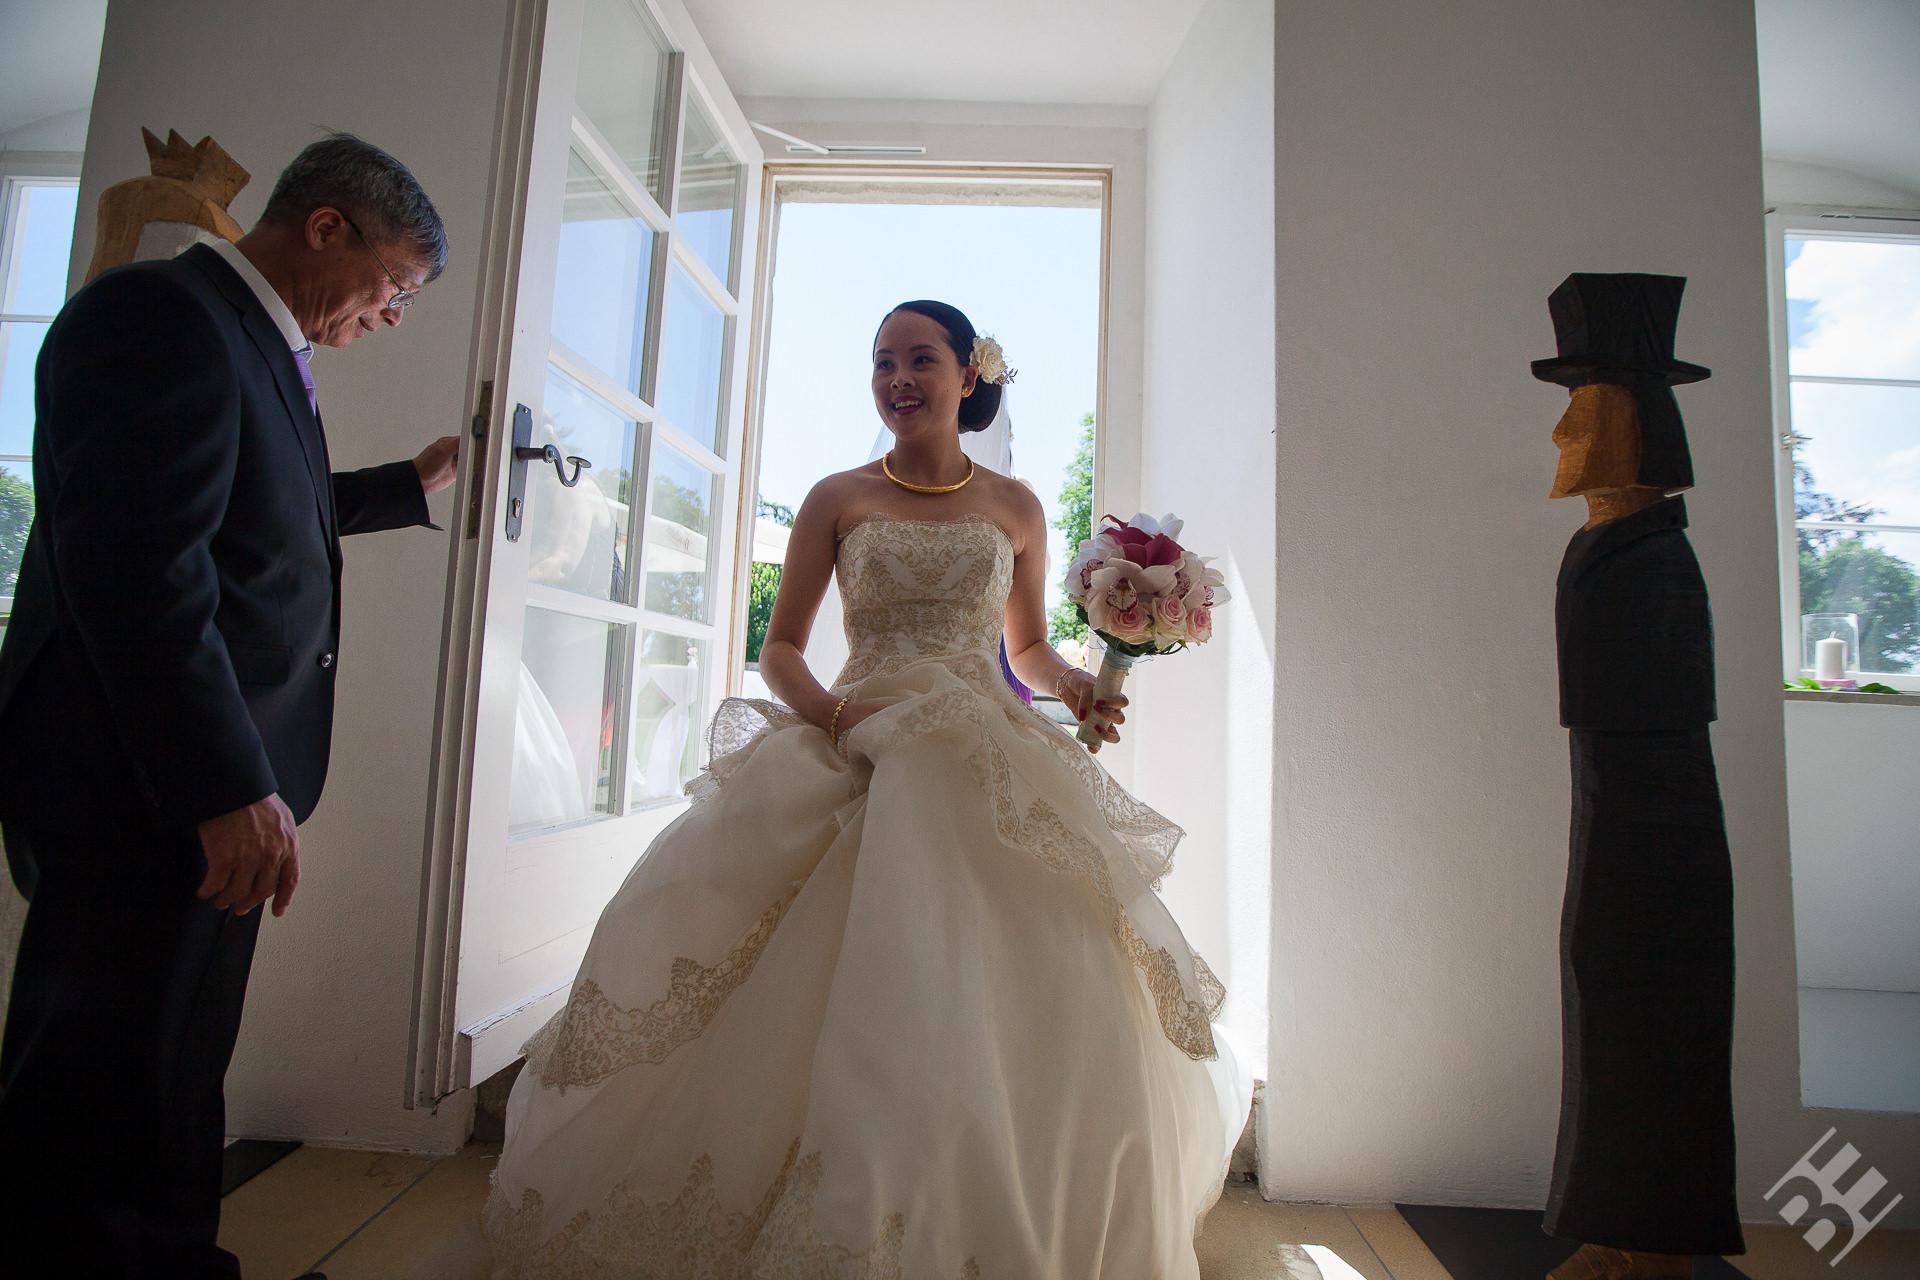 Hochzeit_08_IMG_9780_Volen_Evtimov